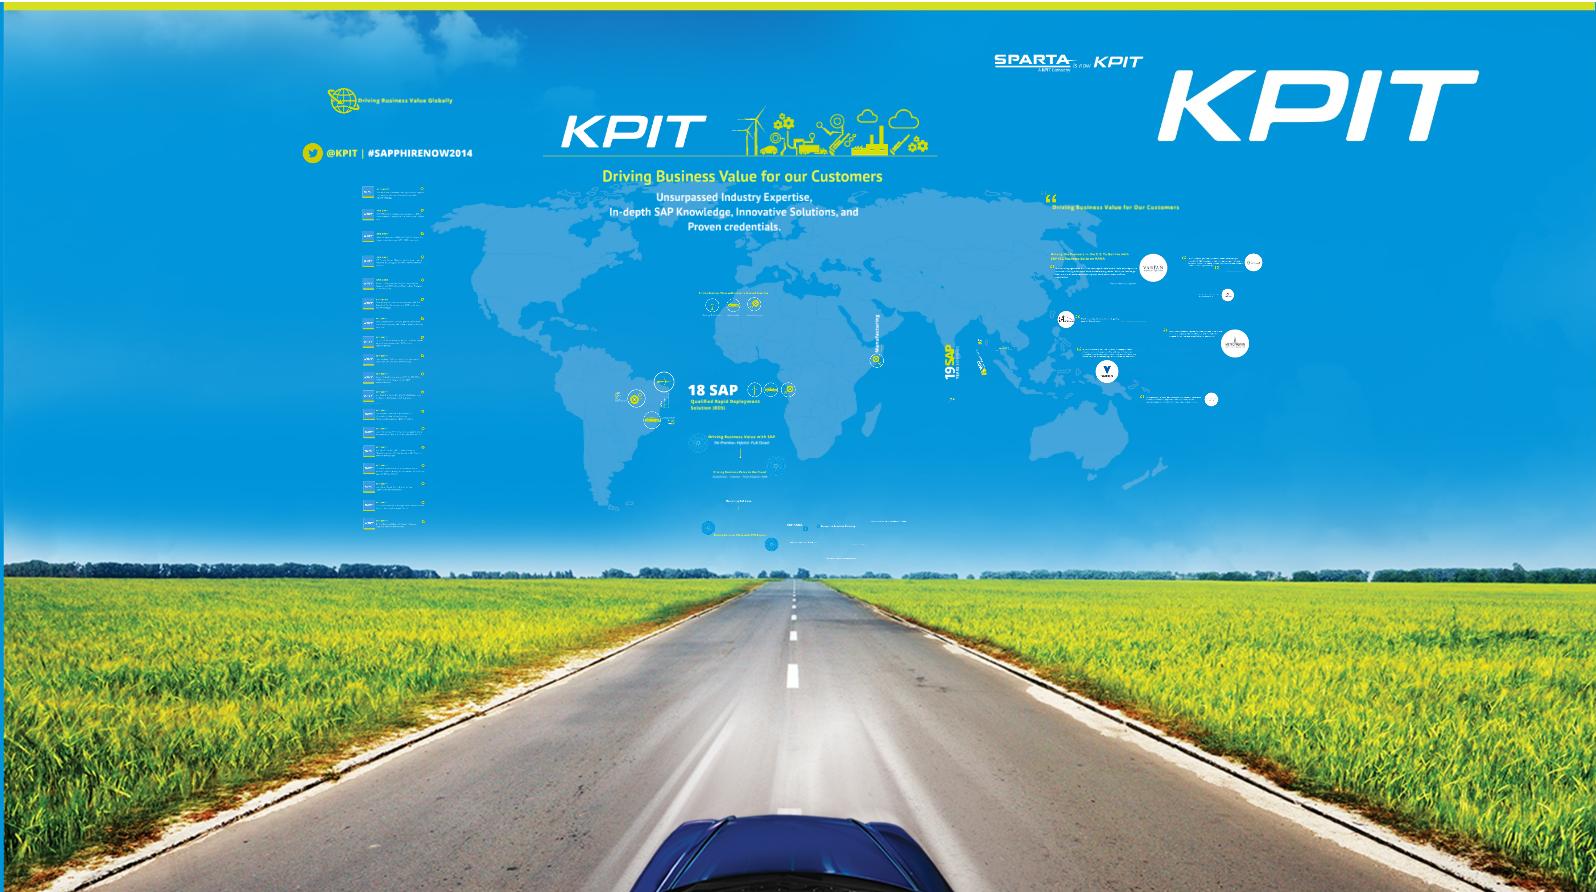 KPIT Prezi Presentation